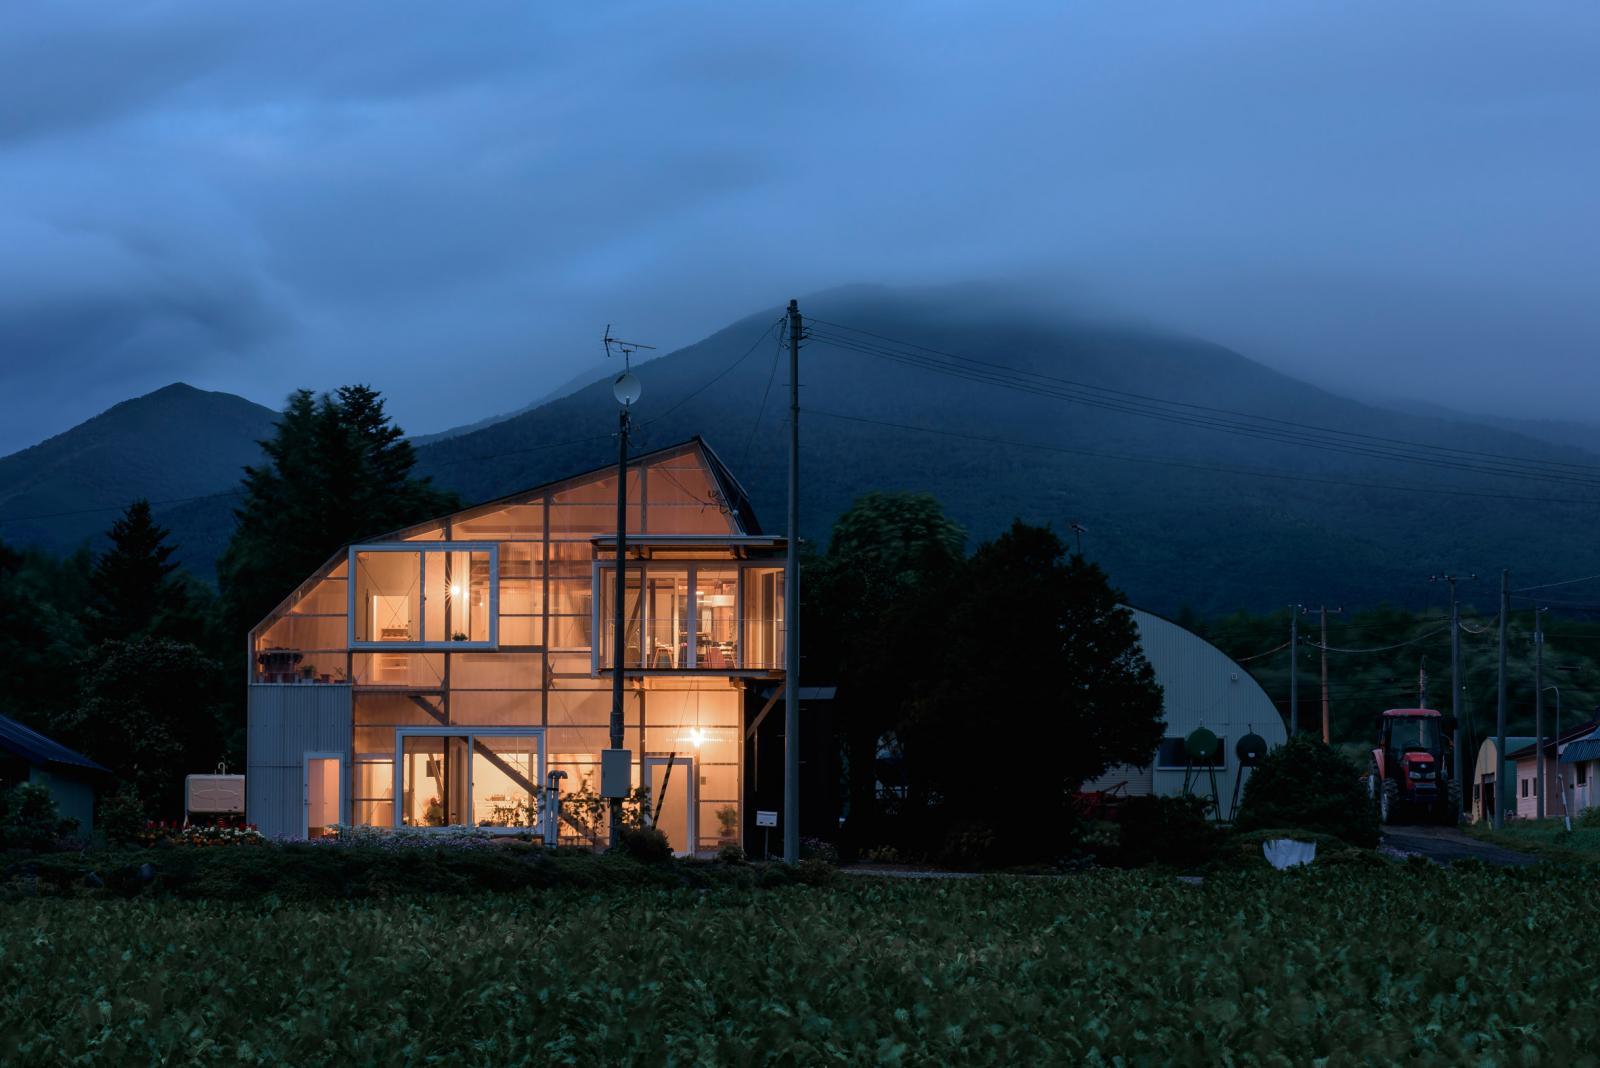 Toàn cảnh ngôi nhà Nhật lung linh khi đêm xuống